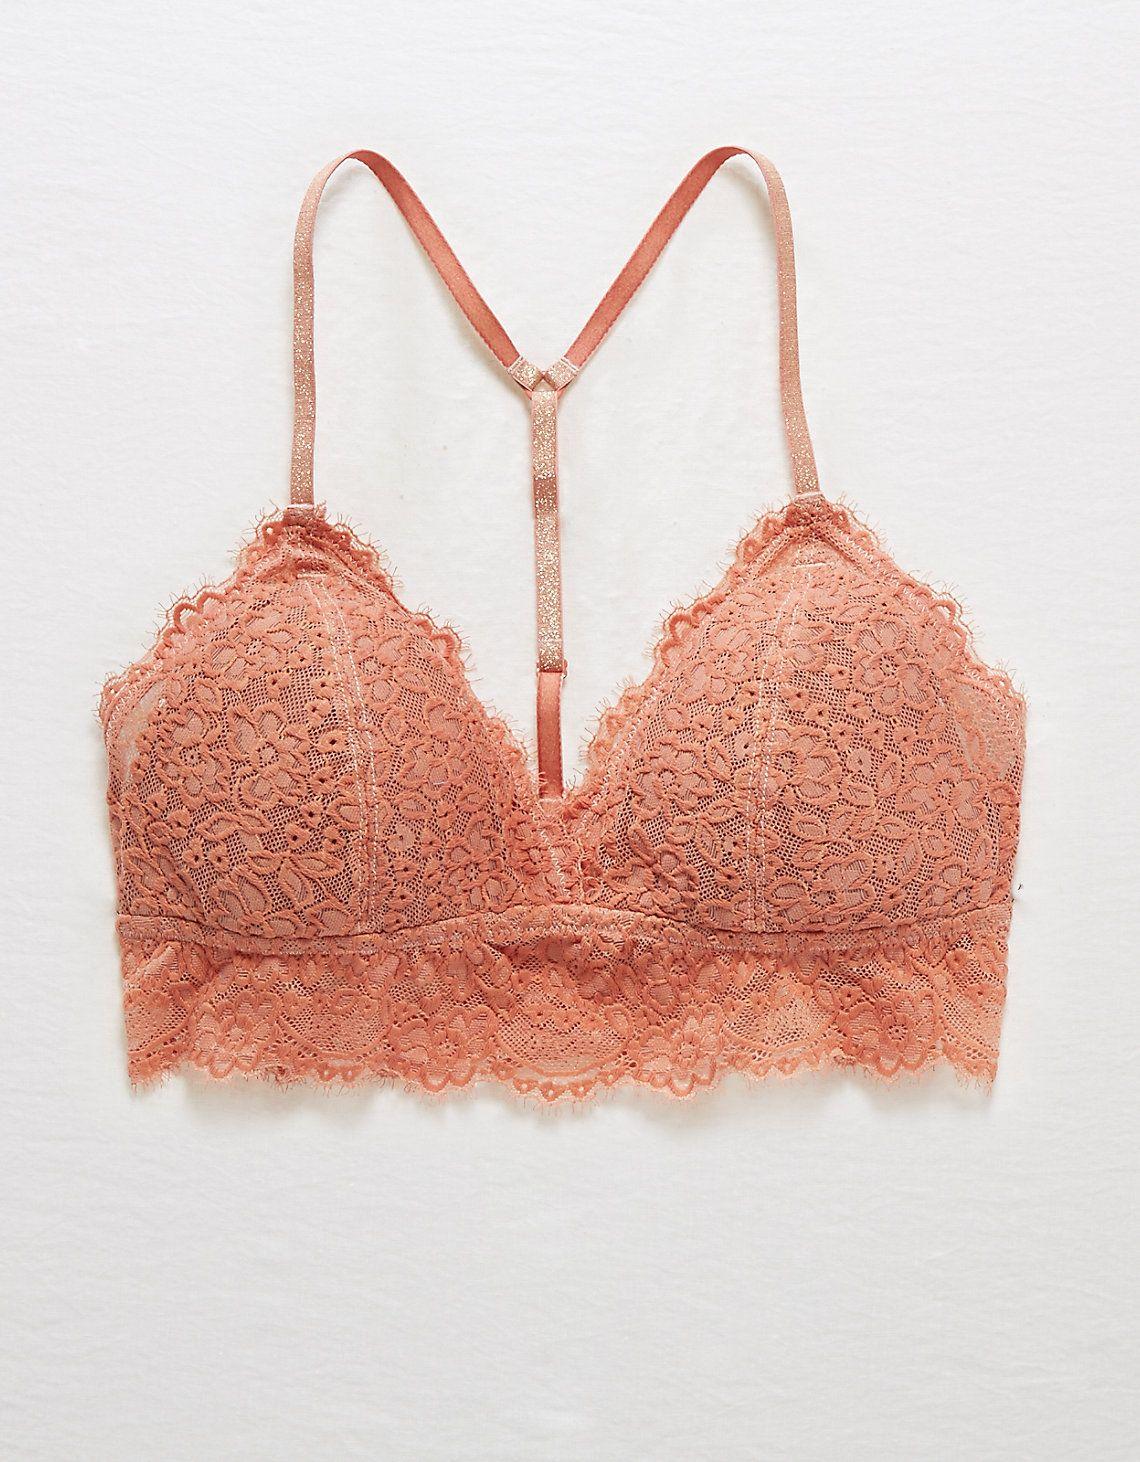 Bra ~ Bralette Criss Cross Back Crochet Lace Aerie Pink